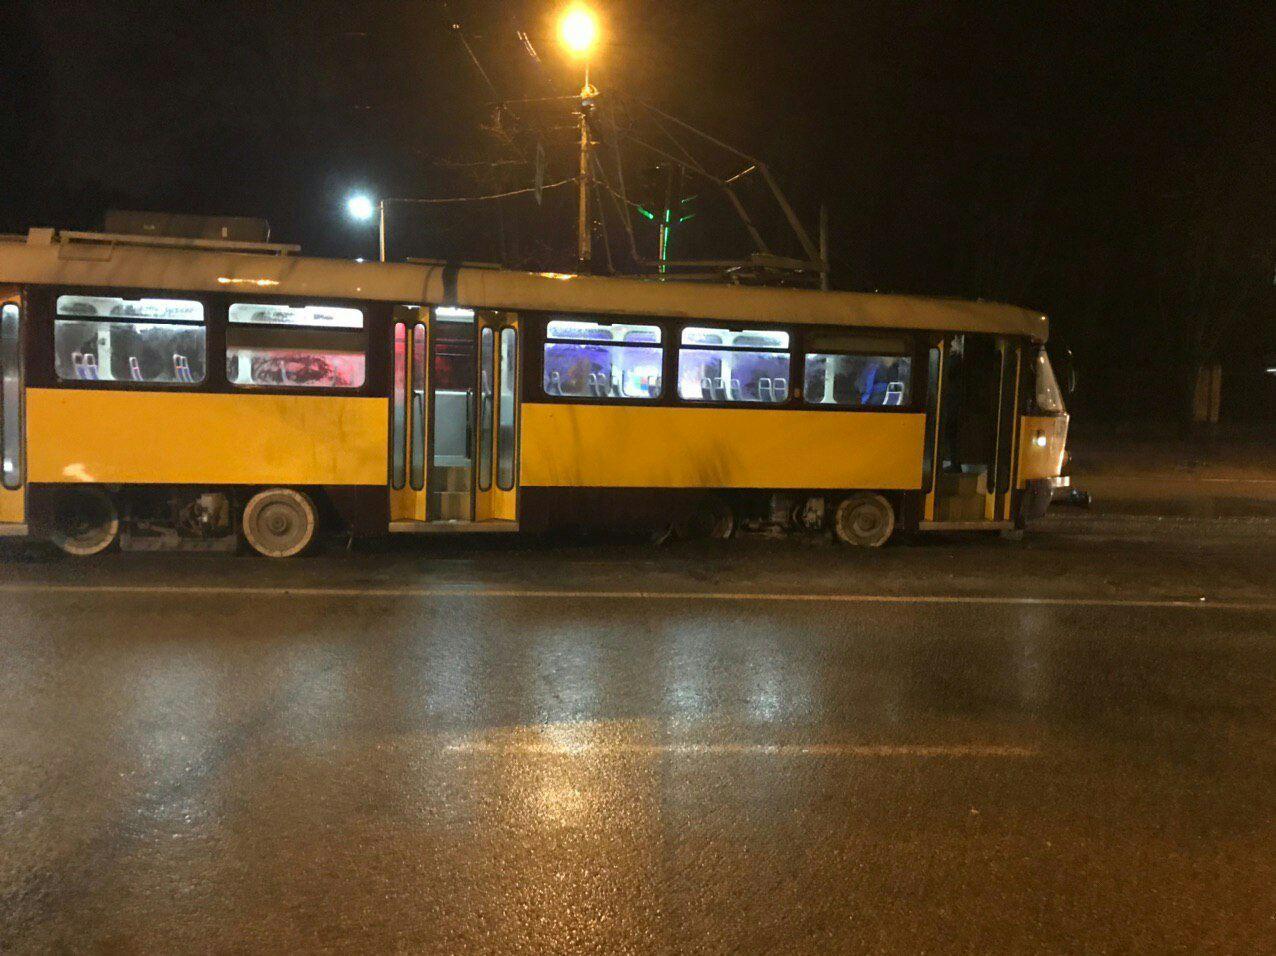 В Днепре трамвай сошел с рельс: движение электротранспорта парализовано. Новости Днепра